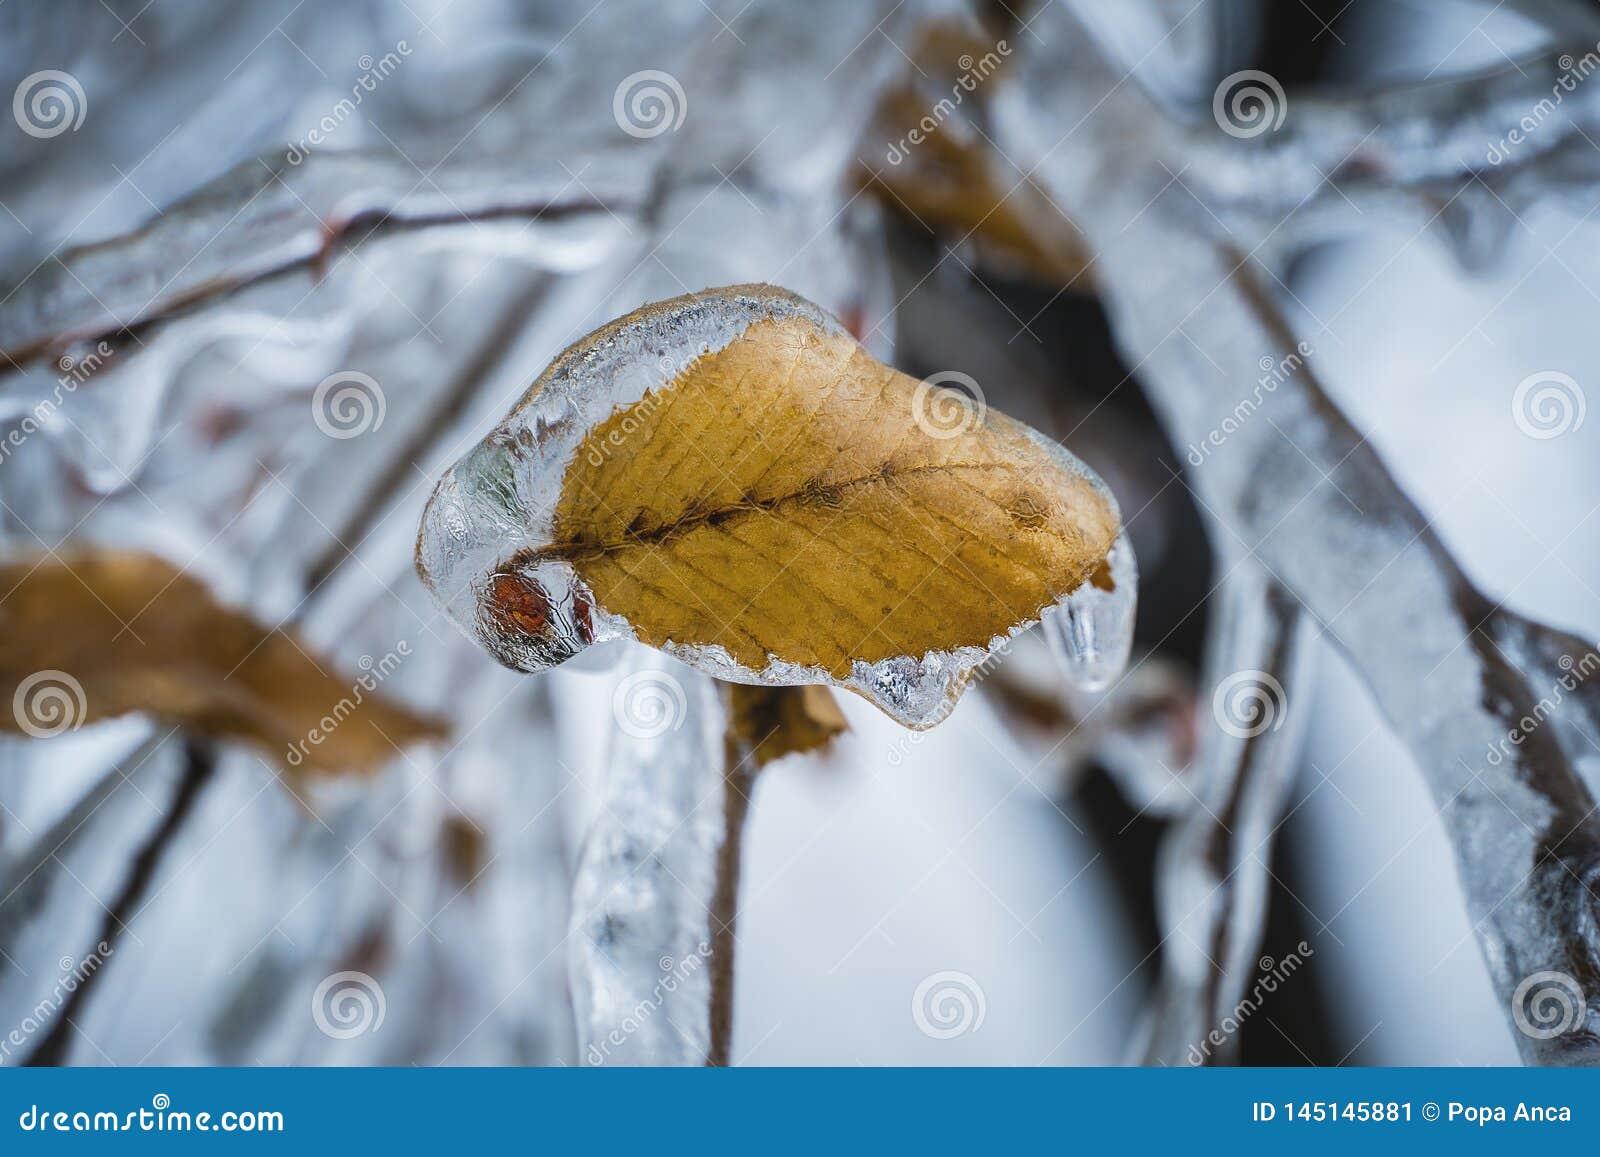 Stäng sig upp av ett härligt gult höstblad som bevaras i kristallklar is efter ett djupfryst regn